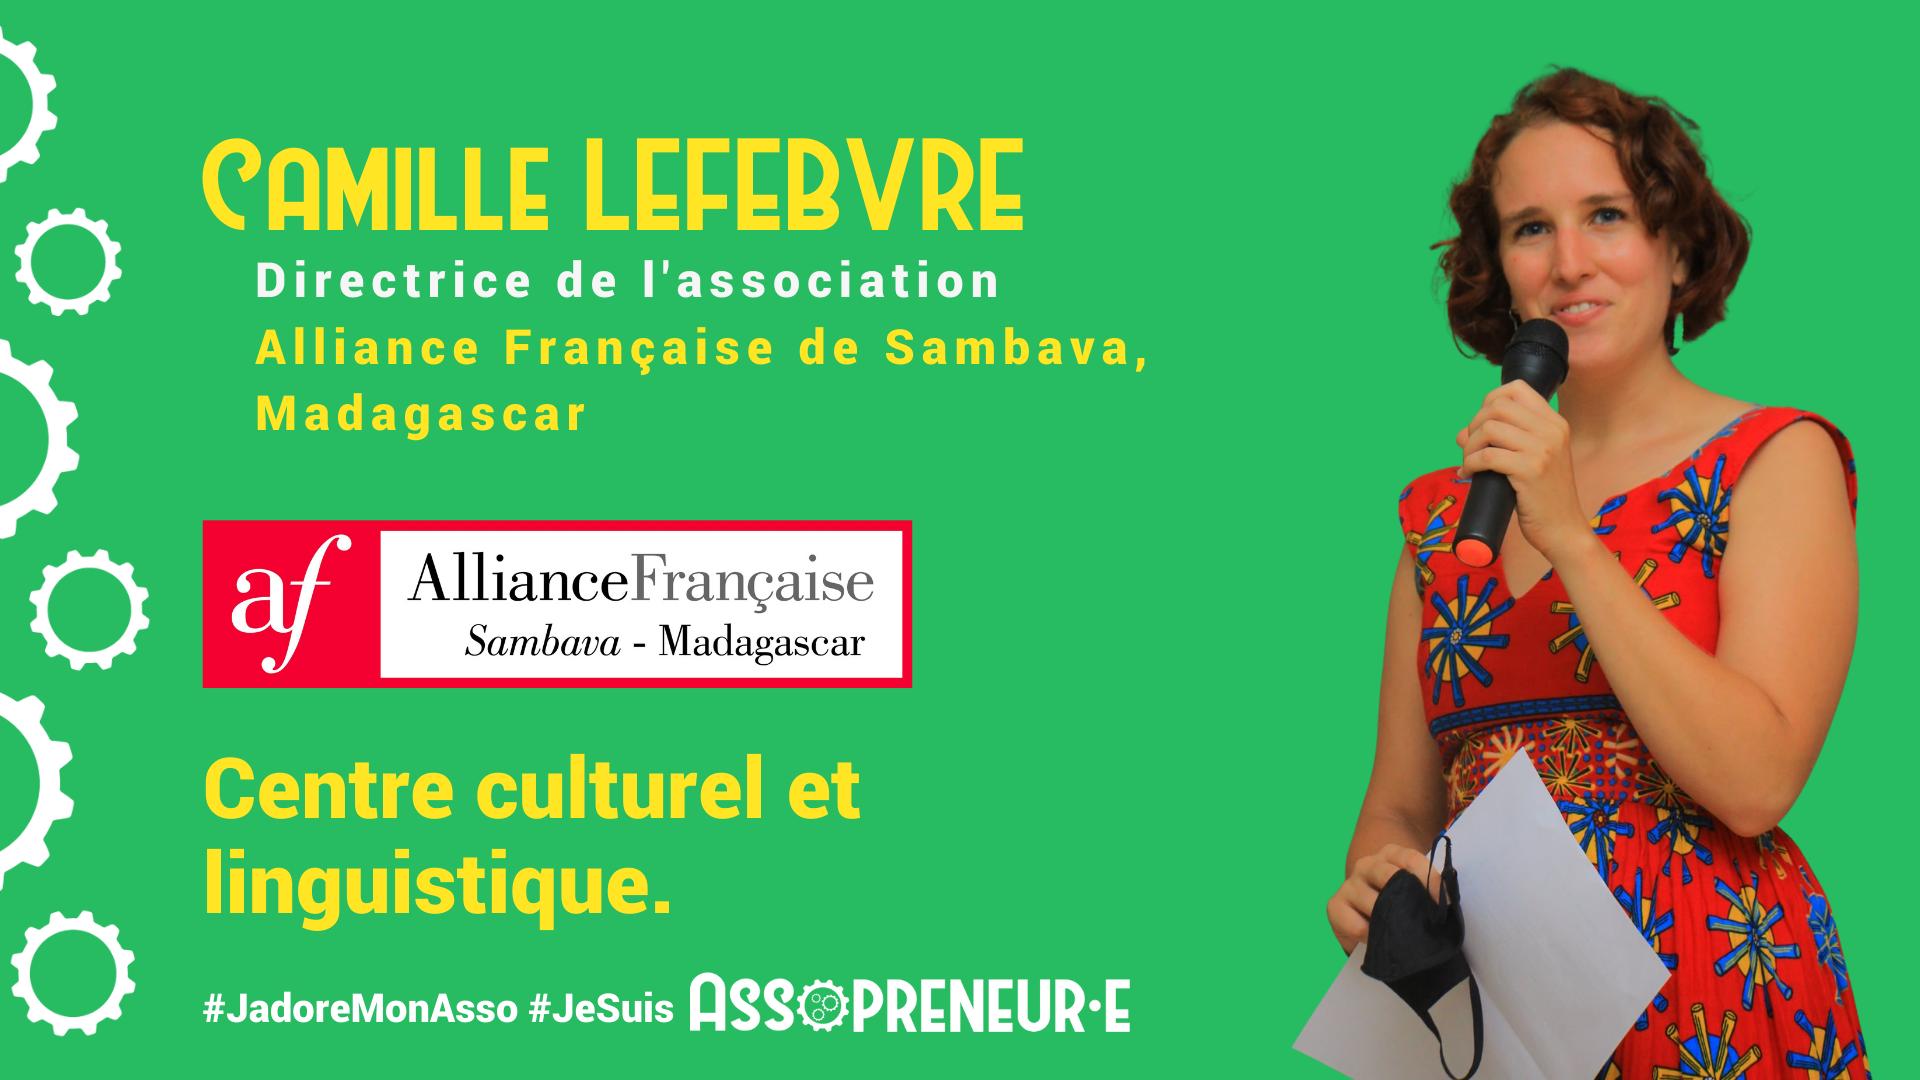 Camille Lefebvre membre programme Assopreneur